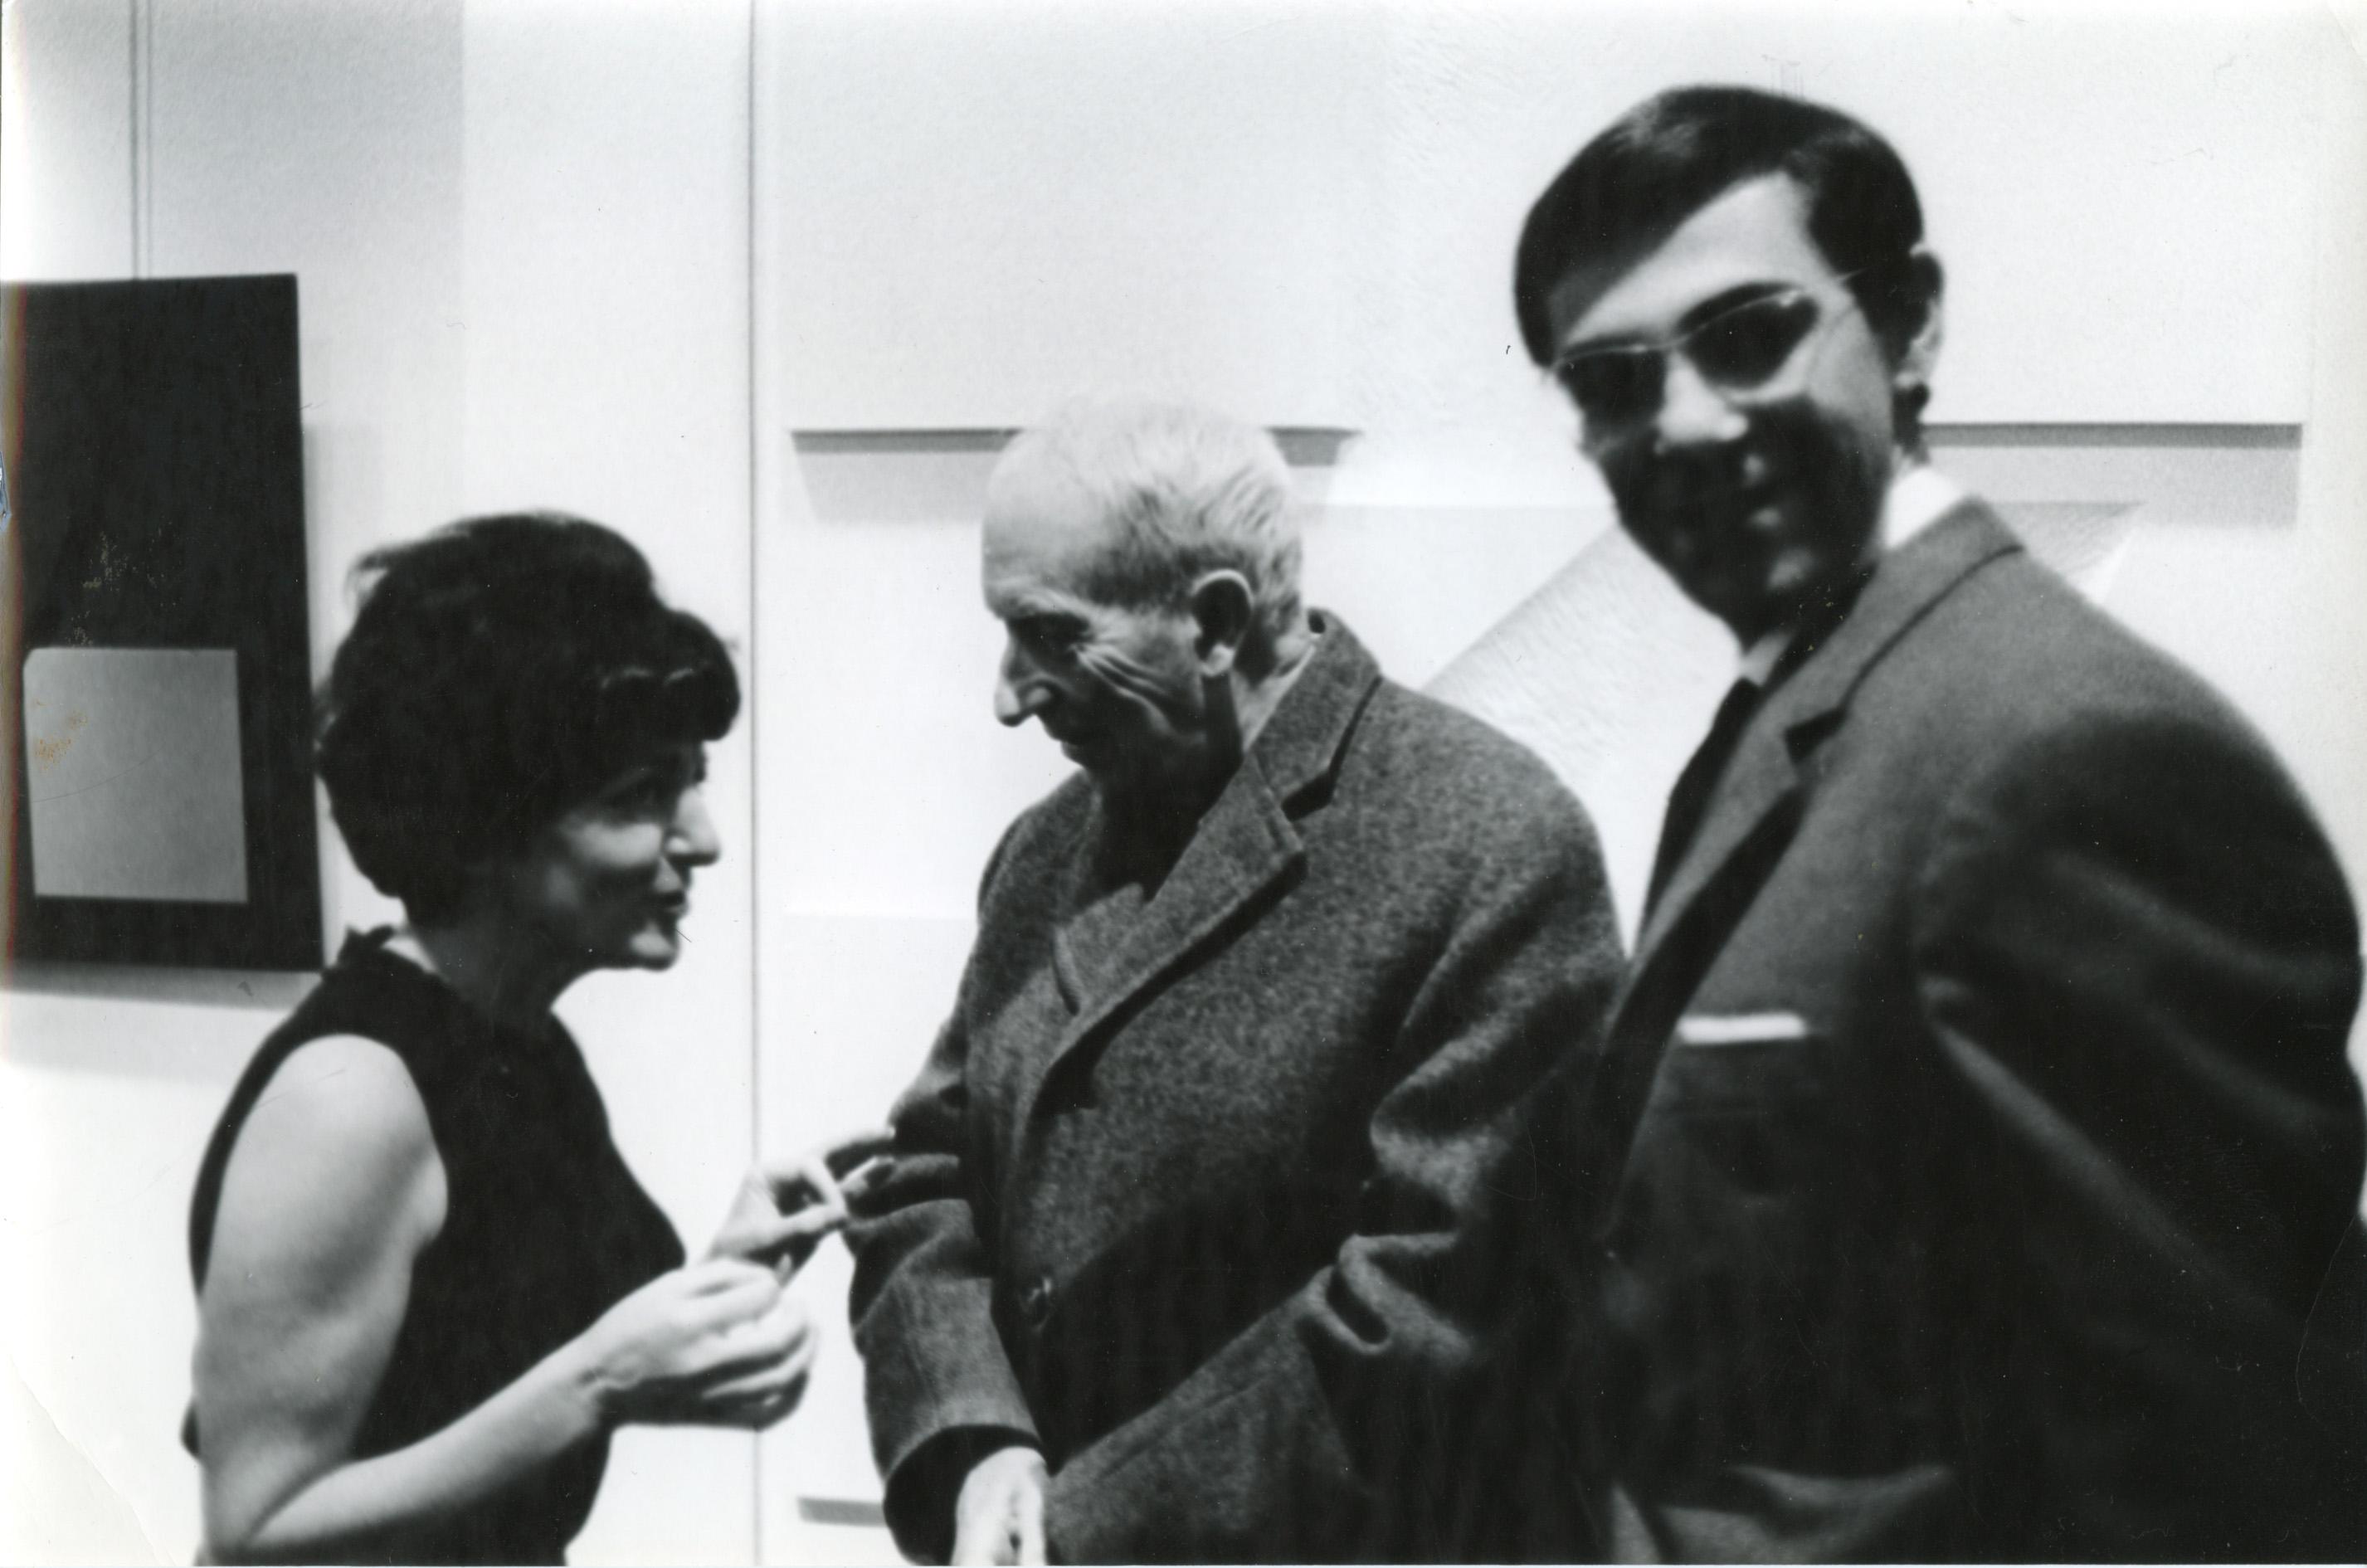 Gallerie Denise Rene. 1963